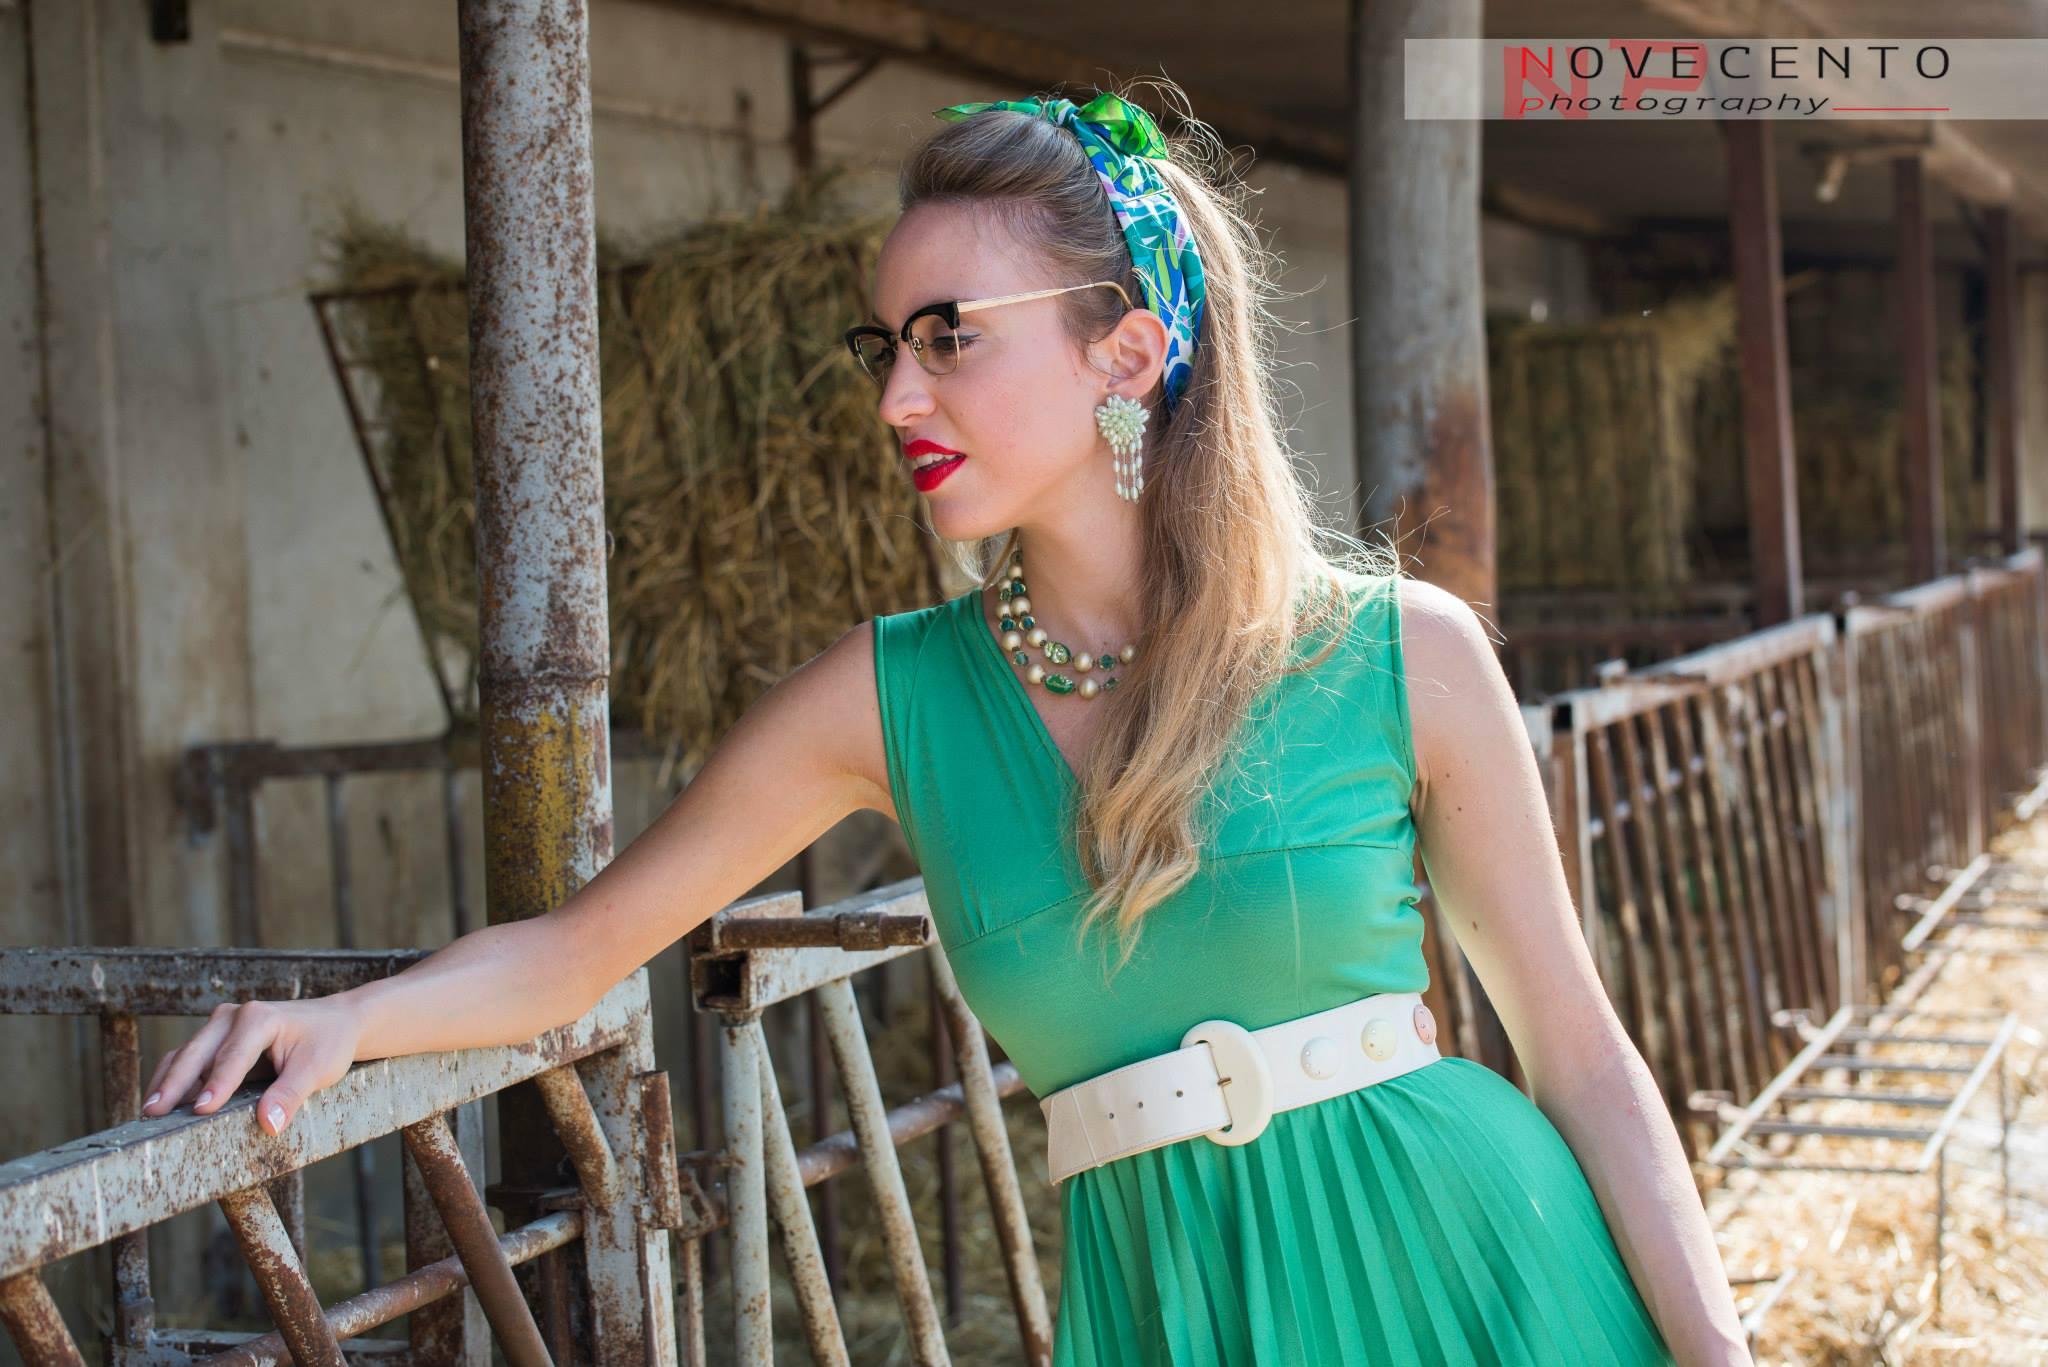 Accessori Moda Anni 50 Of Moda Anni 50 60 Vestito Anni 50 60 Verde Menta E